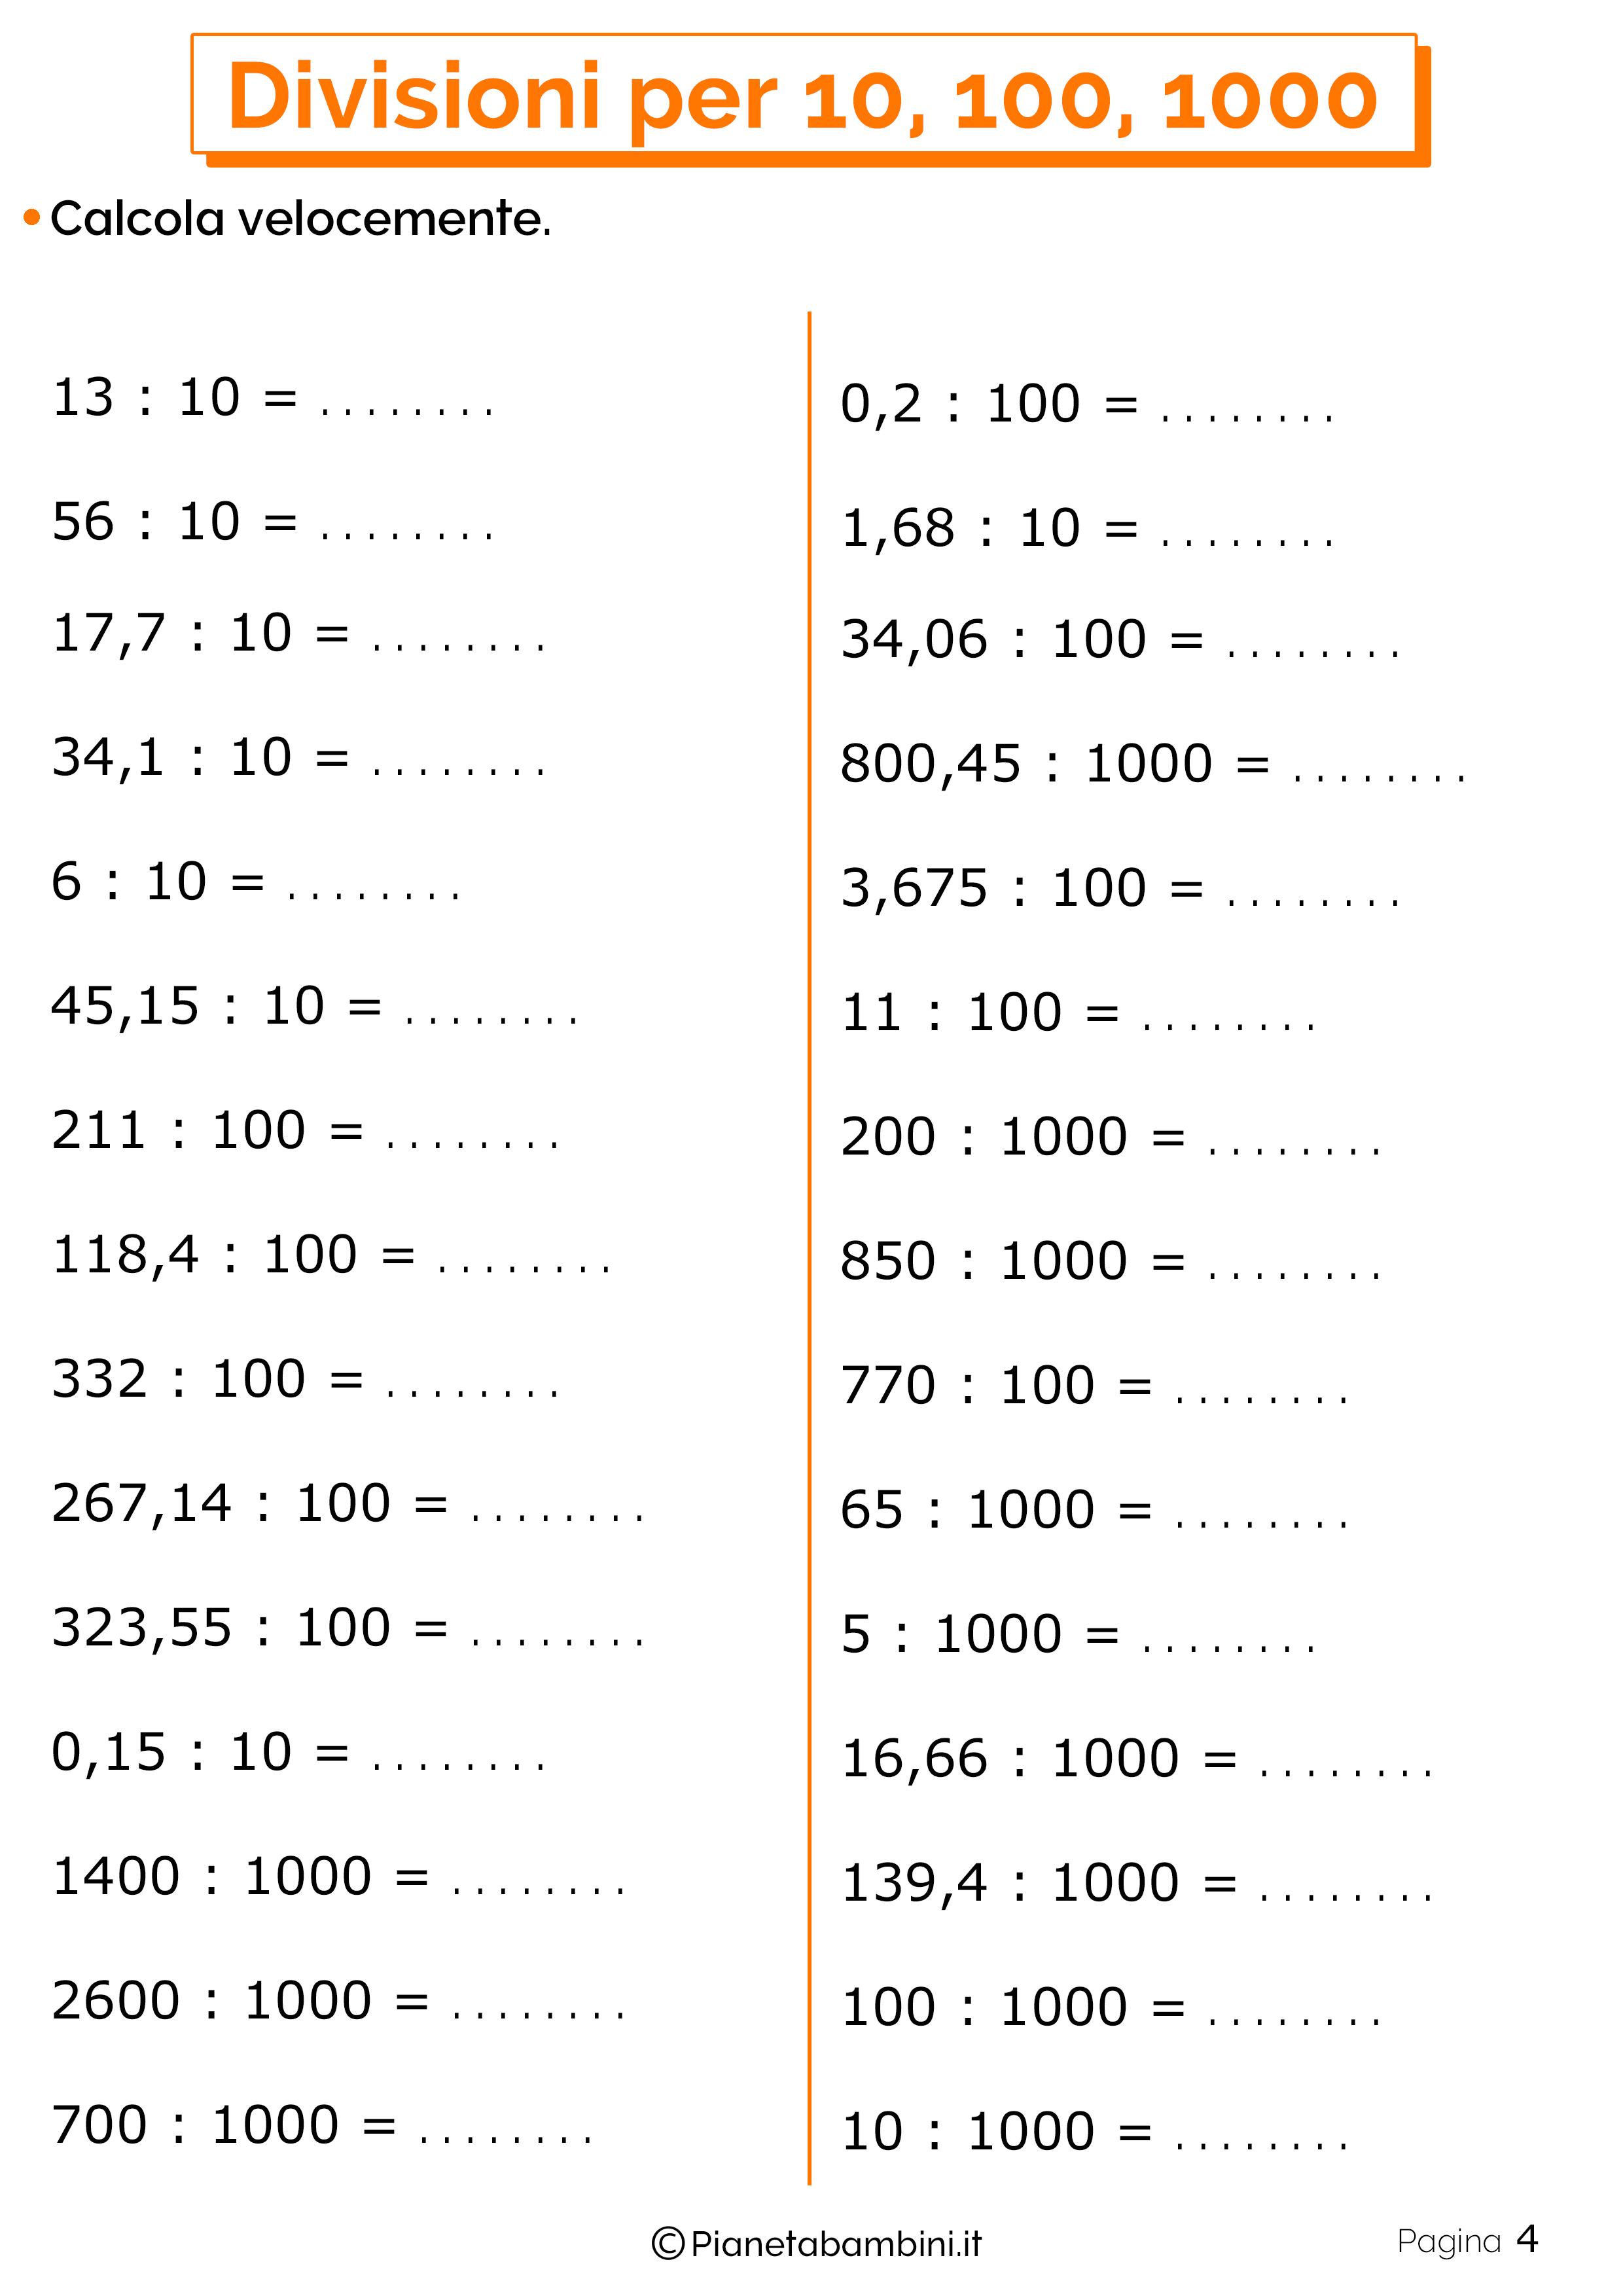 Schede didattiche divisioni per 10-100-1000 4